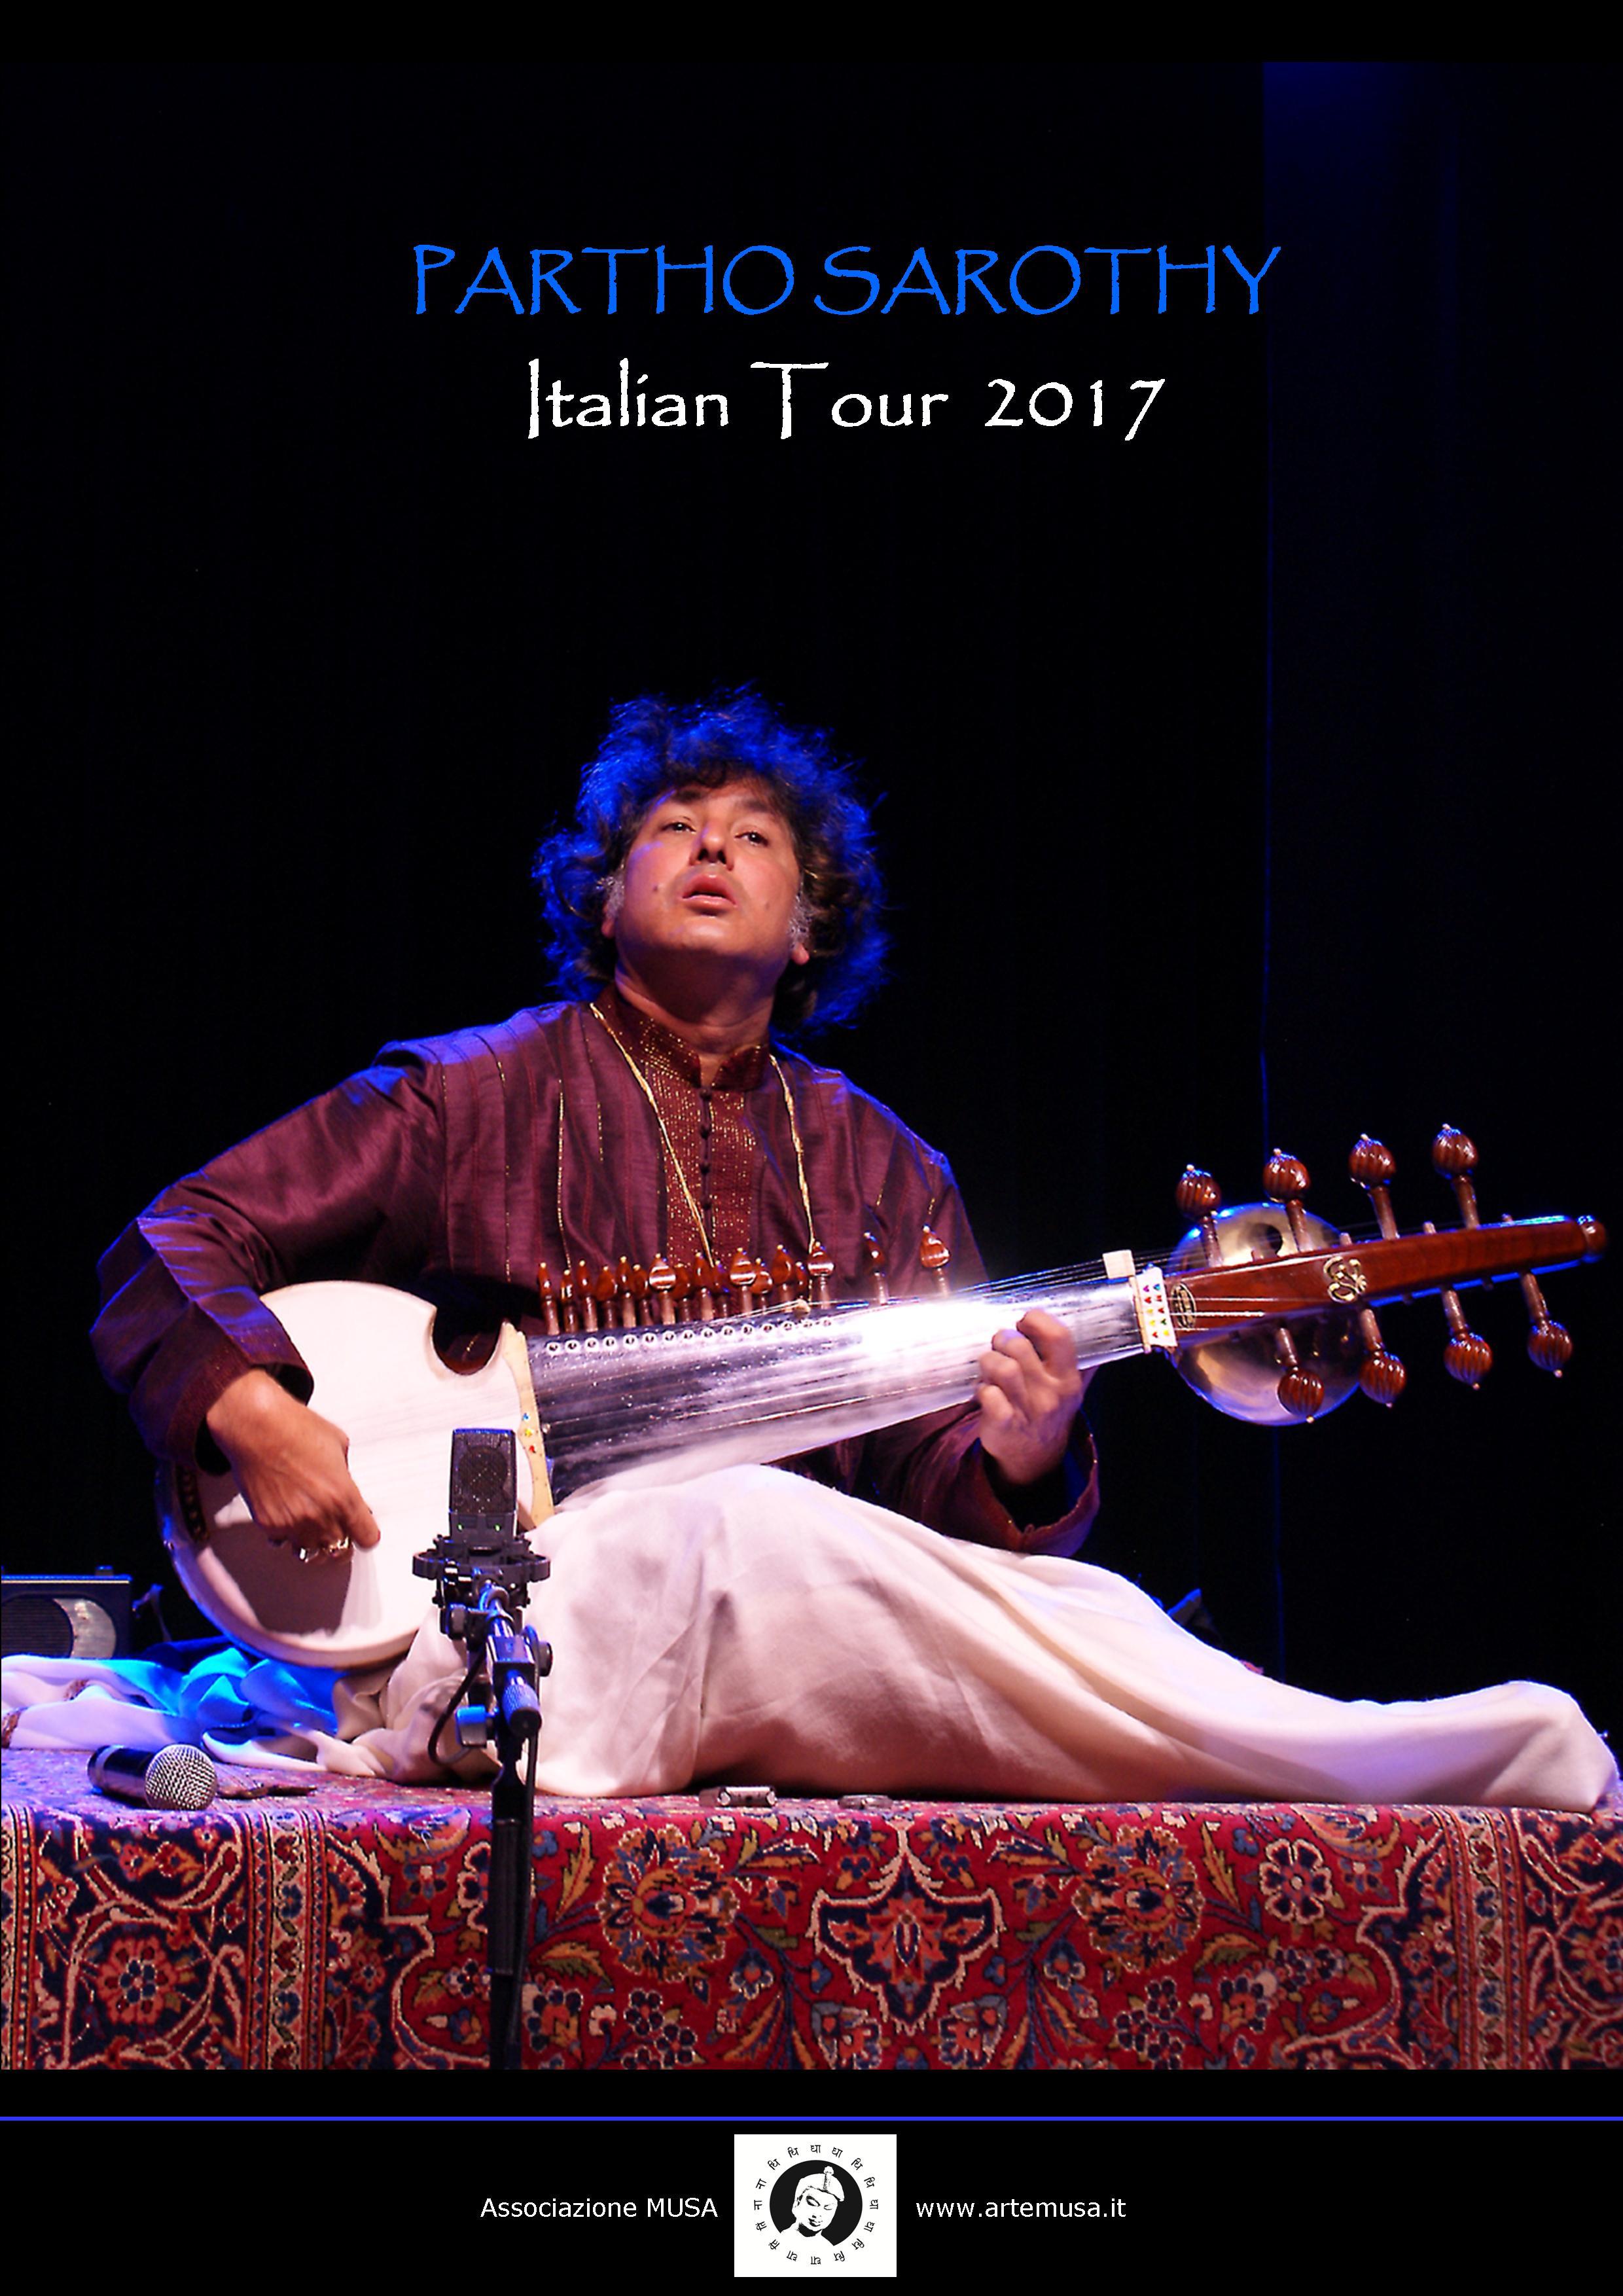 italian tour 2017